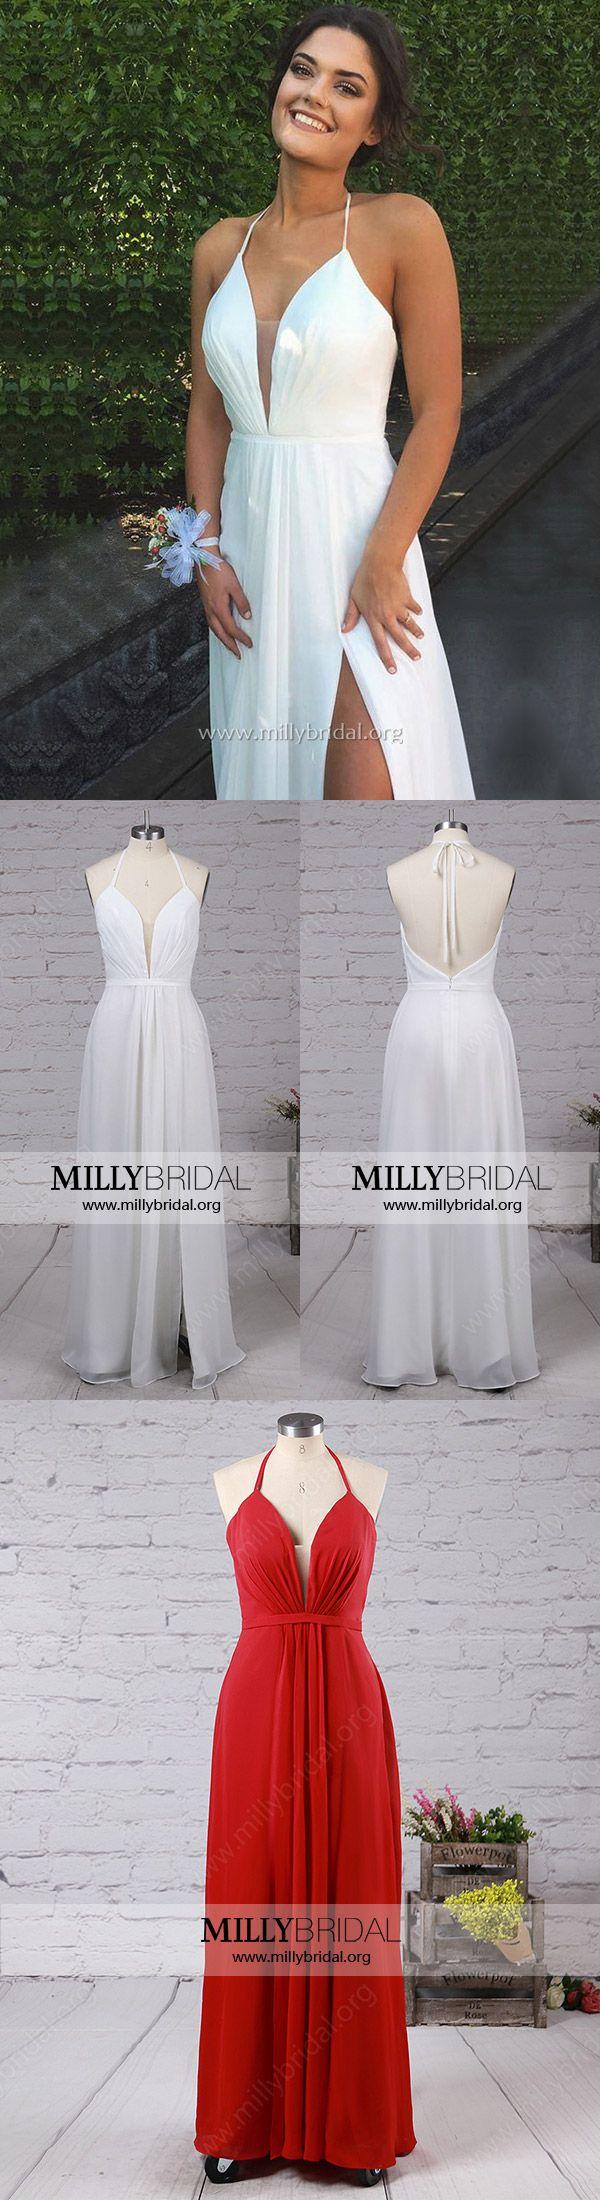 White prom dressesaline prom dresses for teens prom dresses v